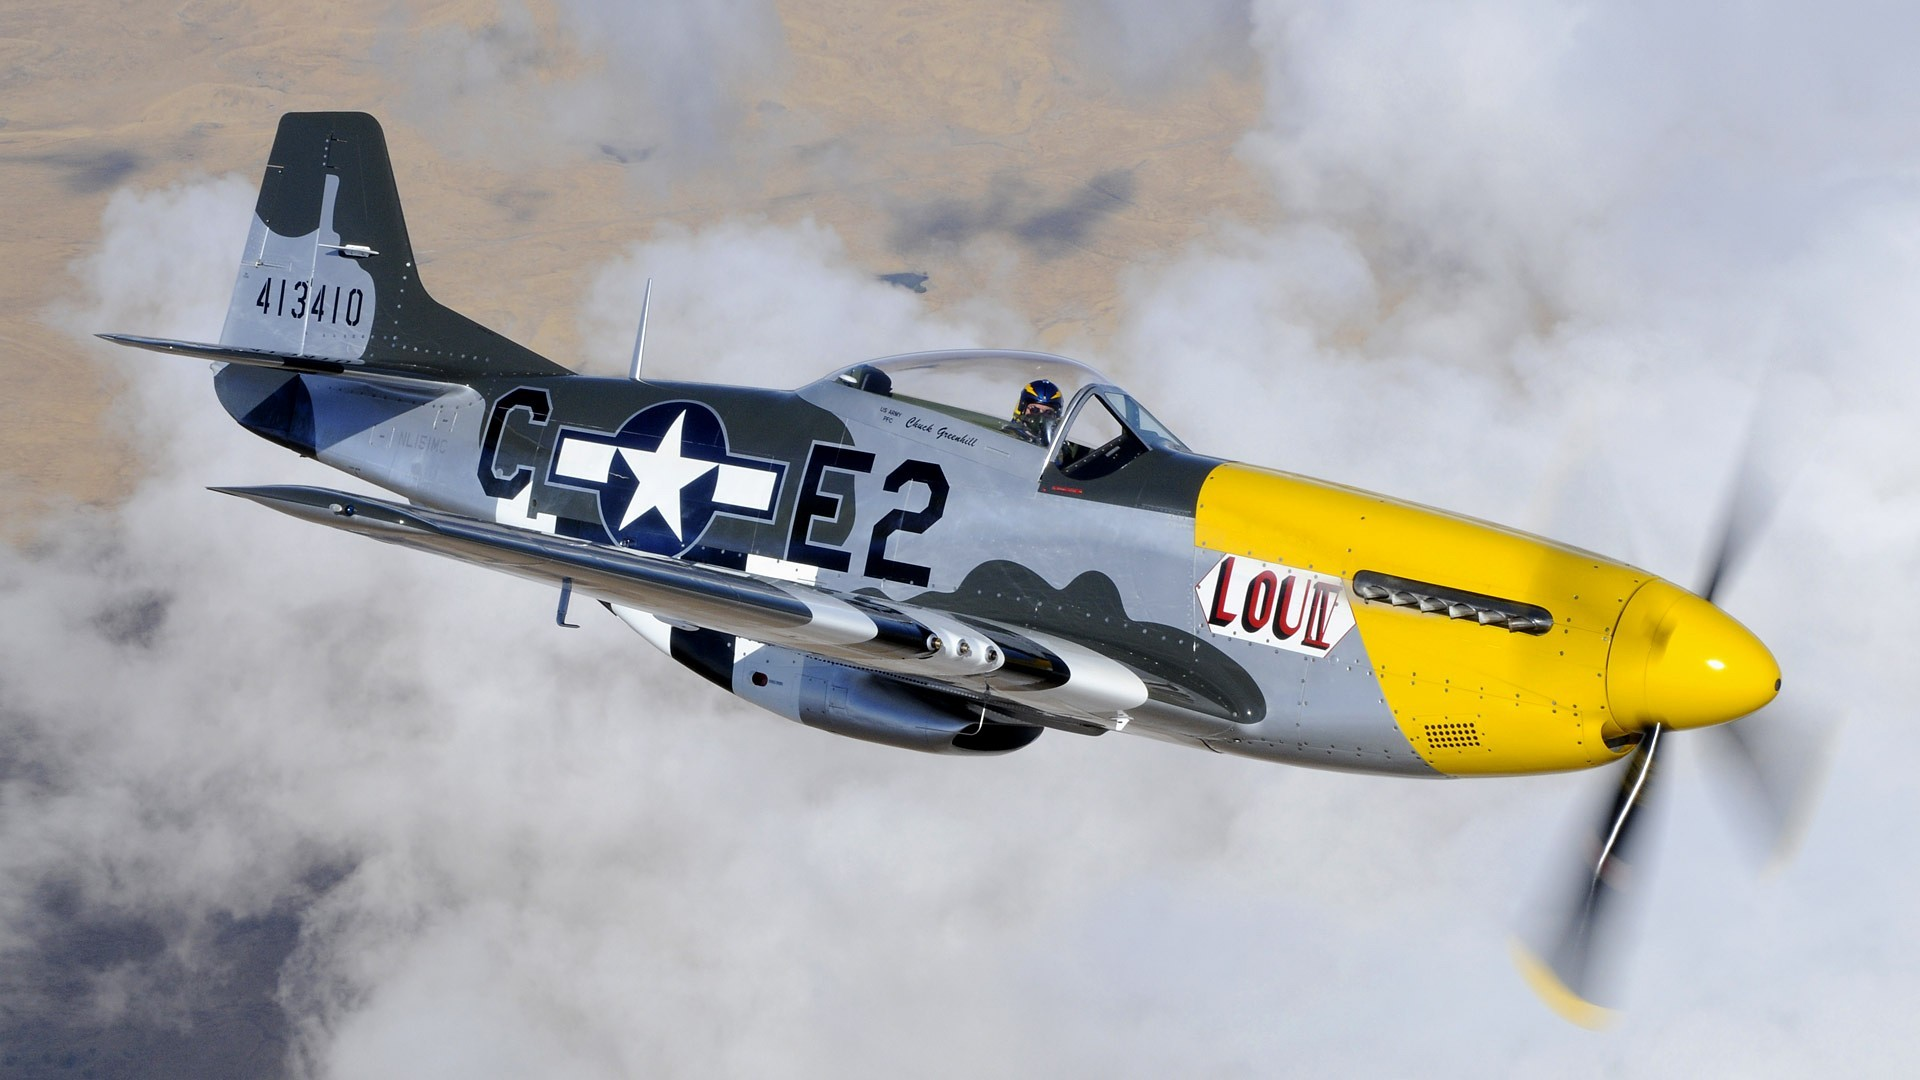 P 51 Mustang Wallpaper Hd Wallpapersafari